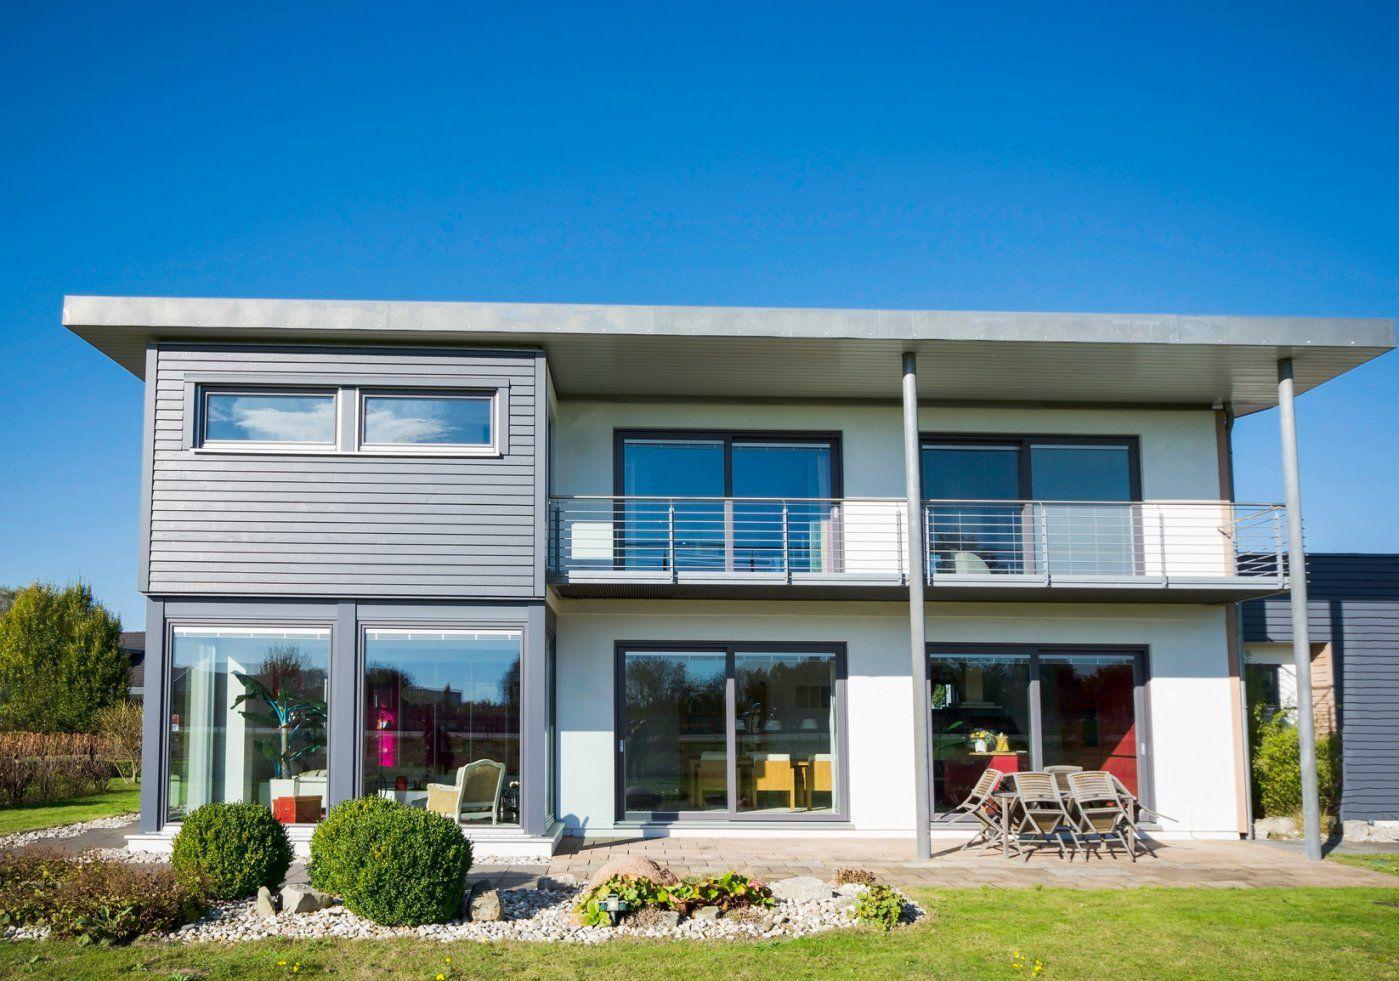 Modulare Häuser  Immonet Informiert Über Das Modulare Haus von Container Haus Kaufen Deutschland Bild